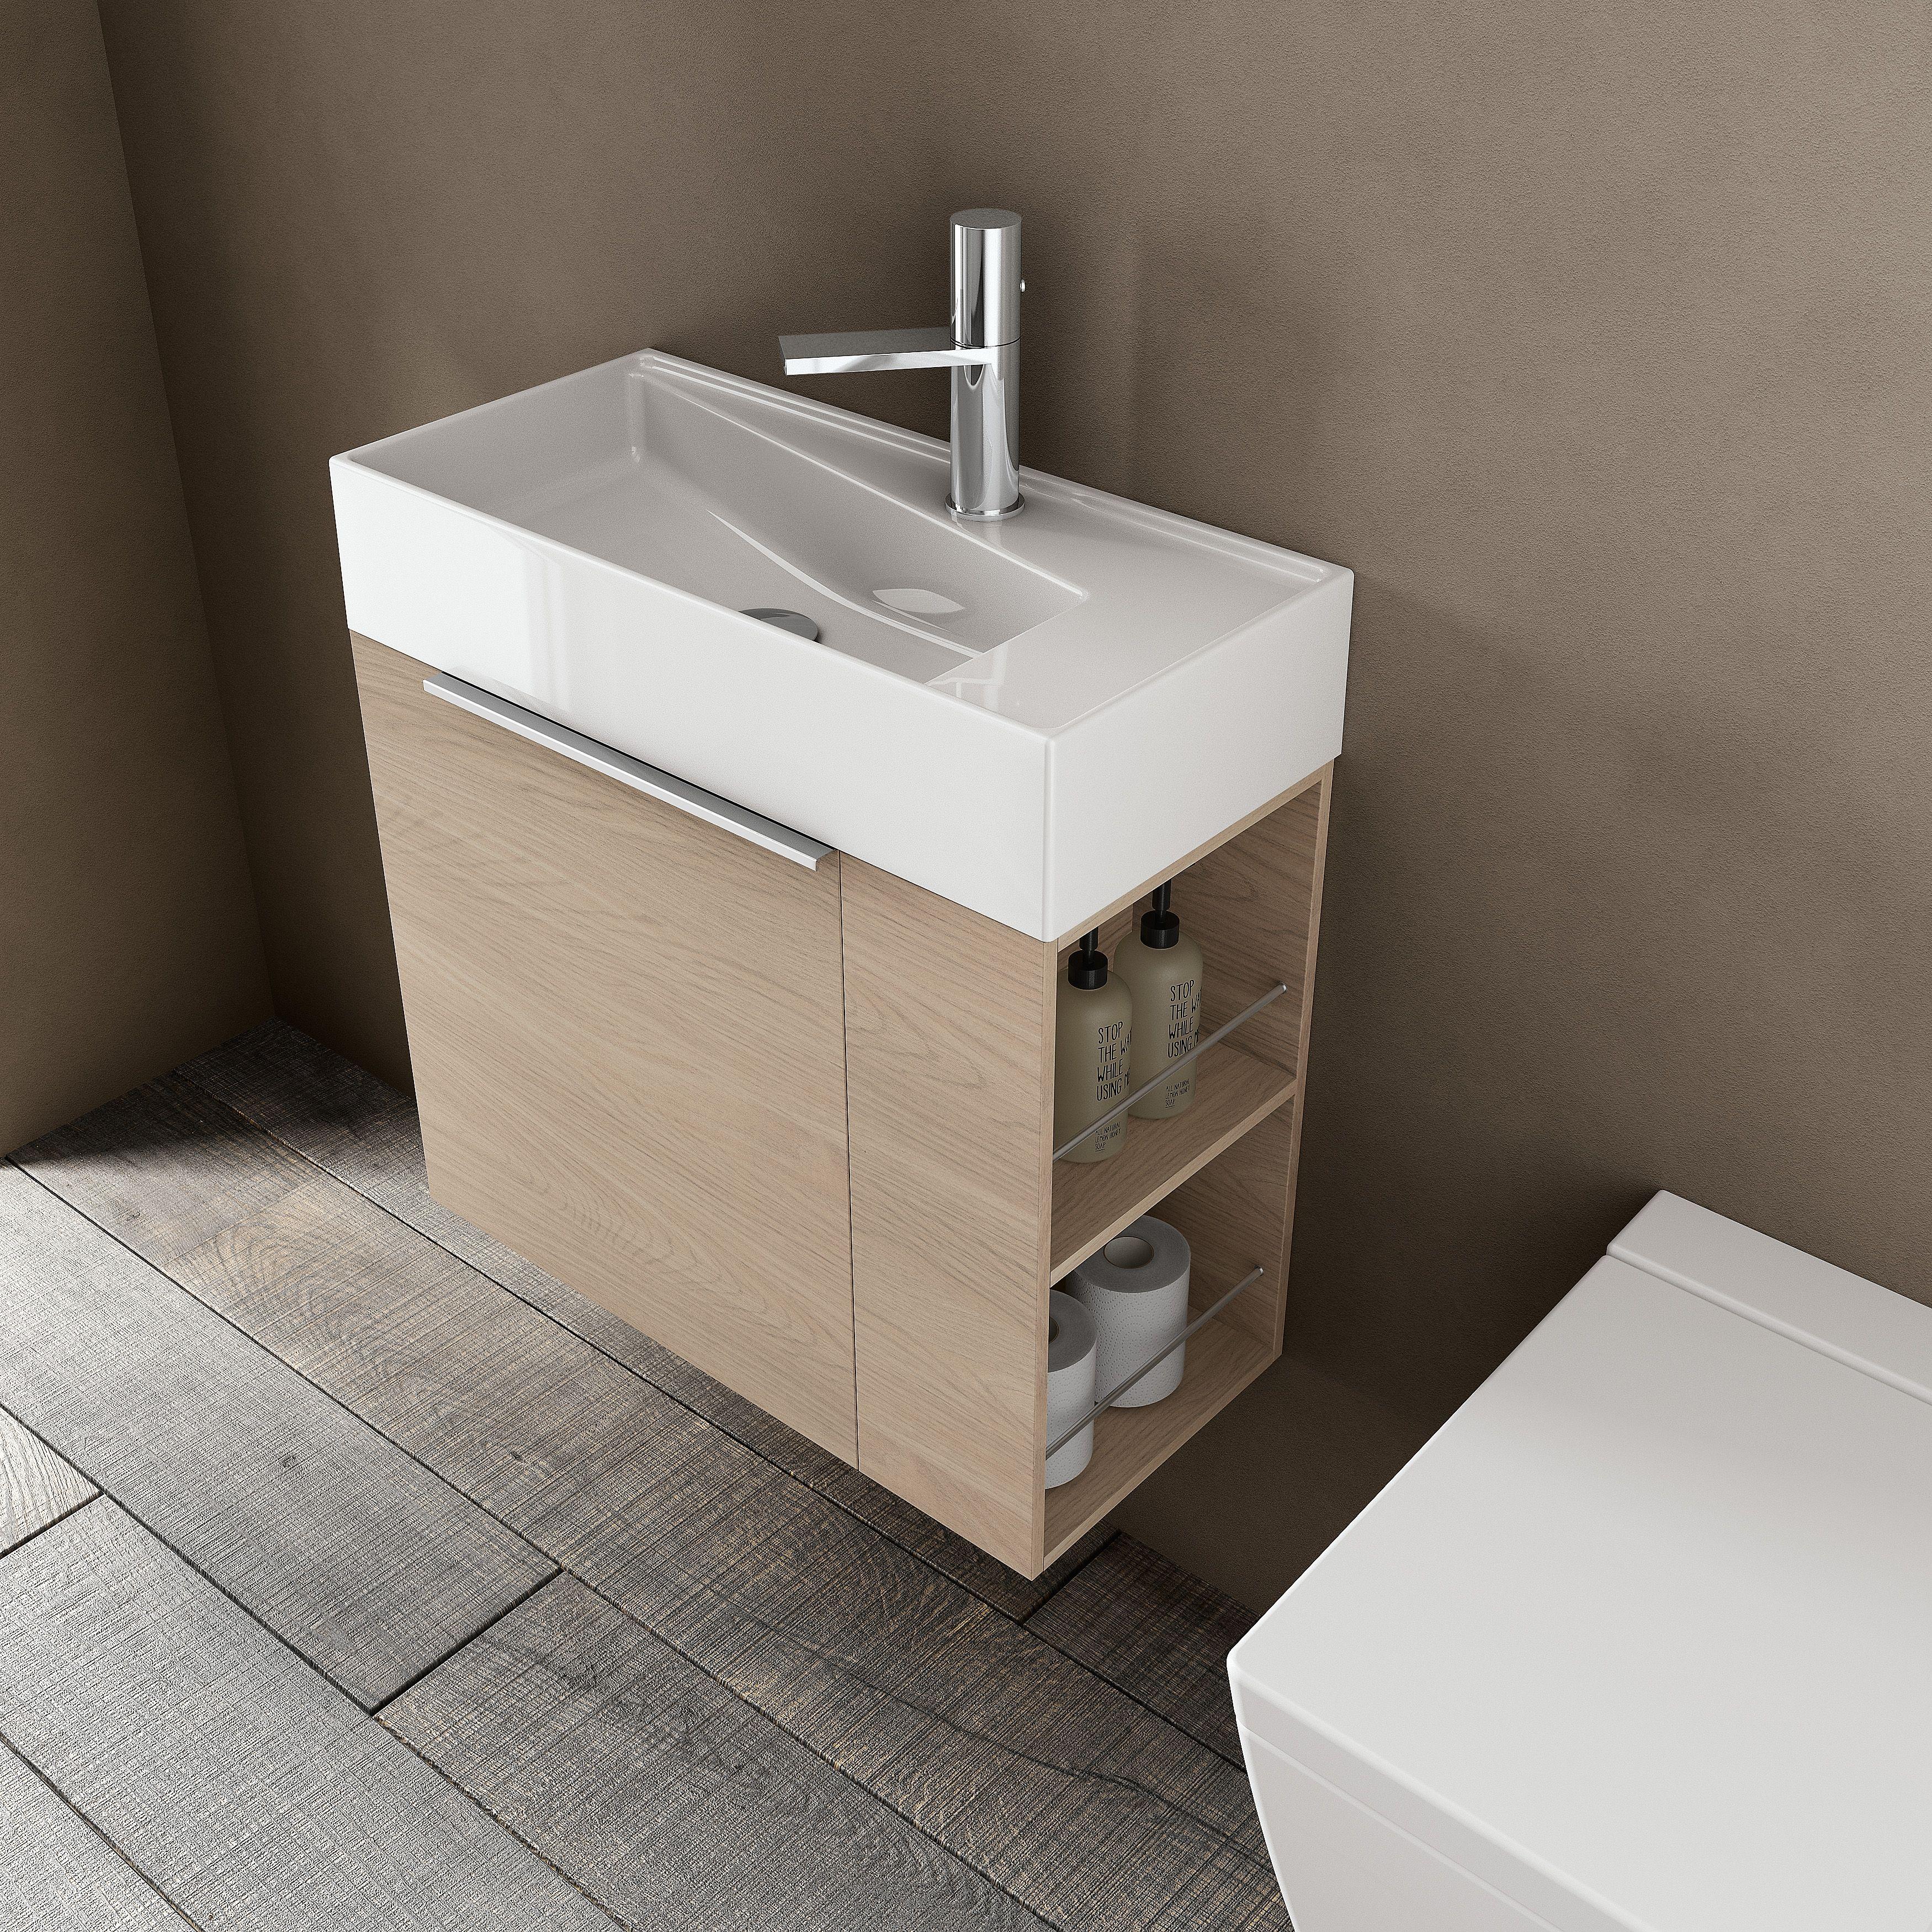 meuble de salle de bain et lavabo faible profondeur avec rangement ferm et tagres ouvertes - Meuble De Rangement Petite Profondeur